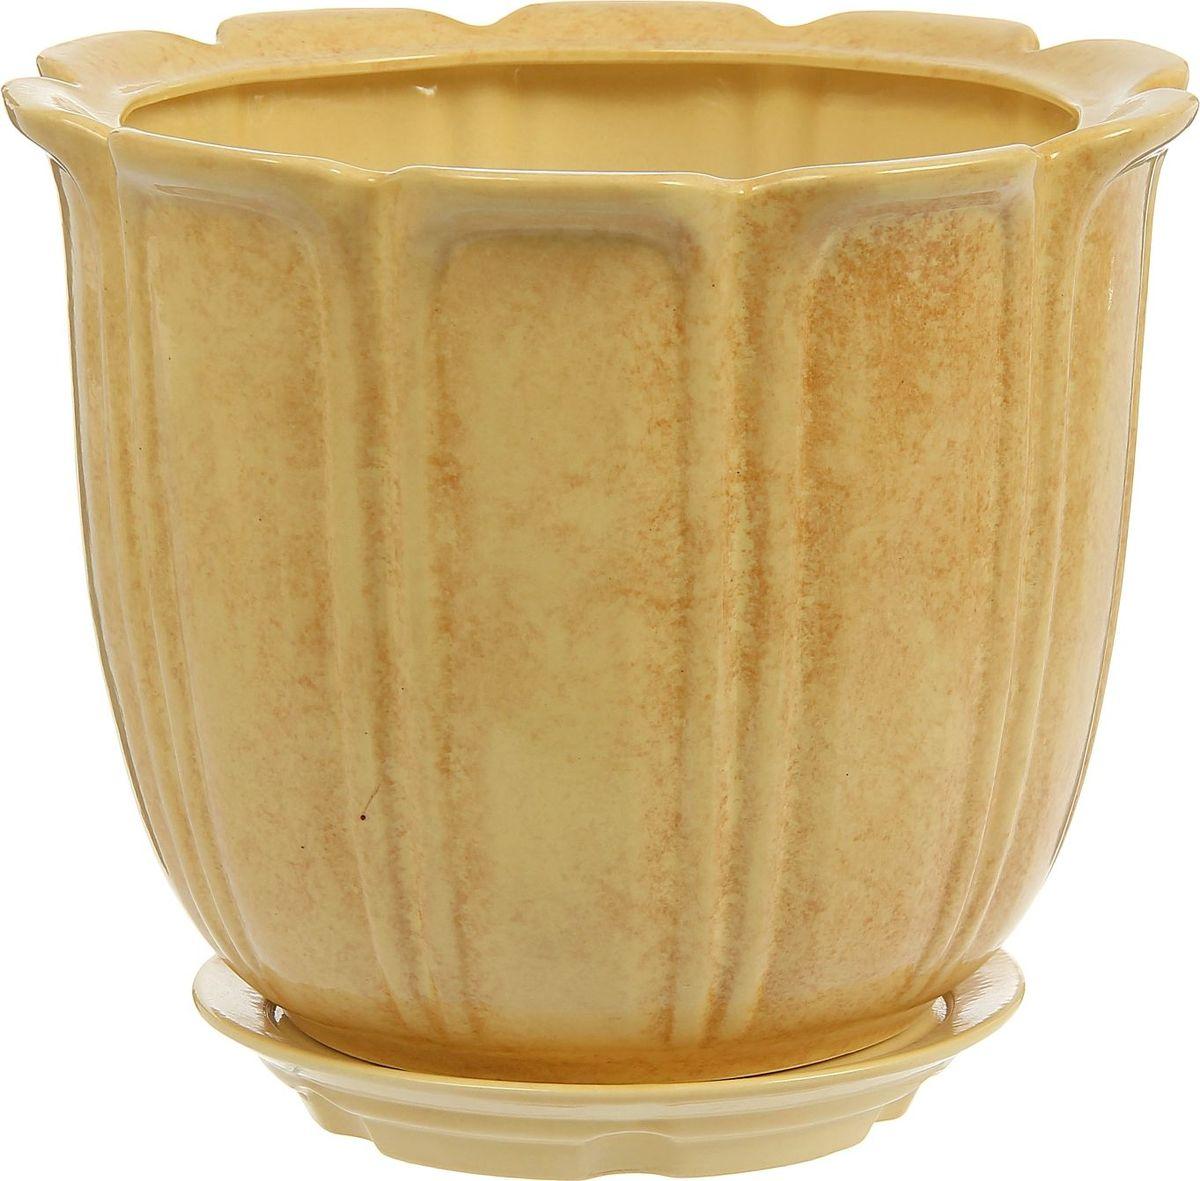 Кашпо Элита, цвет: желтый, 12 л1239044Комнатные растения — всеобщие любимцы. Они радуют глаз, насыщают помещение кислородом и украшают пространство. Каждому из них необходим свой удобный и красивый дом. Кашпо из керамики прекрасно подходят для высадки растений: за счёт пластичности глины и разных способов обработки существует великое множество форм и дизайновпористый материал позволяет испаряться лишней влагевоздух, необходимый для дыхания корней, проникает сквозь керамические стенки! #name# позаботится о зелёном питомце, освежит интерьер и подчеркнёт его стиль.